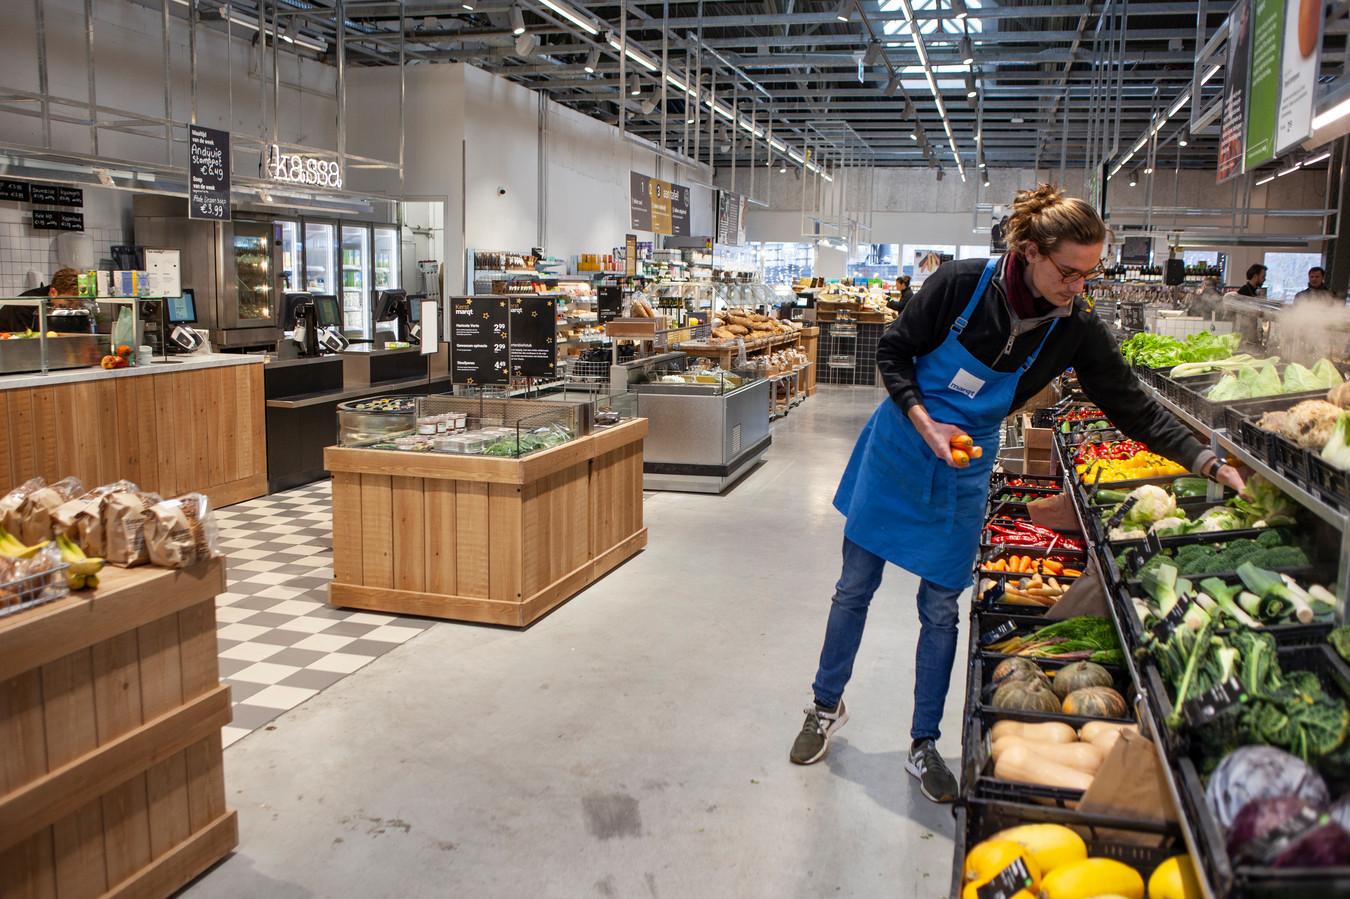 De vestiging van Marqt in winkelcentrum Brazilië in Oost is een voorbeeld van de kleinere buurtwinkels van Marqt.